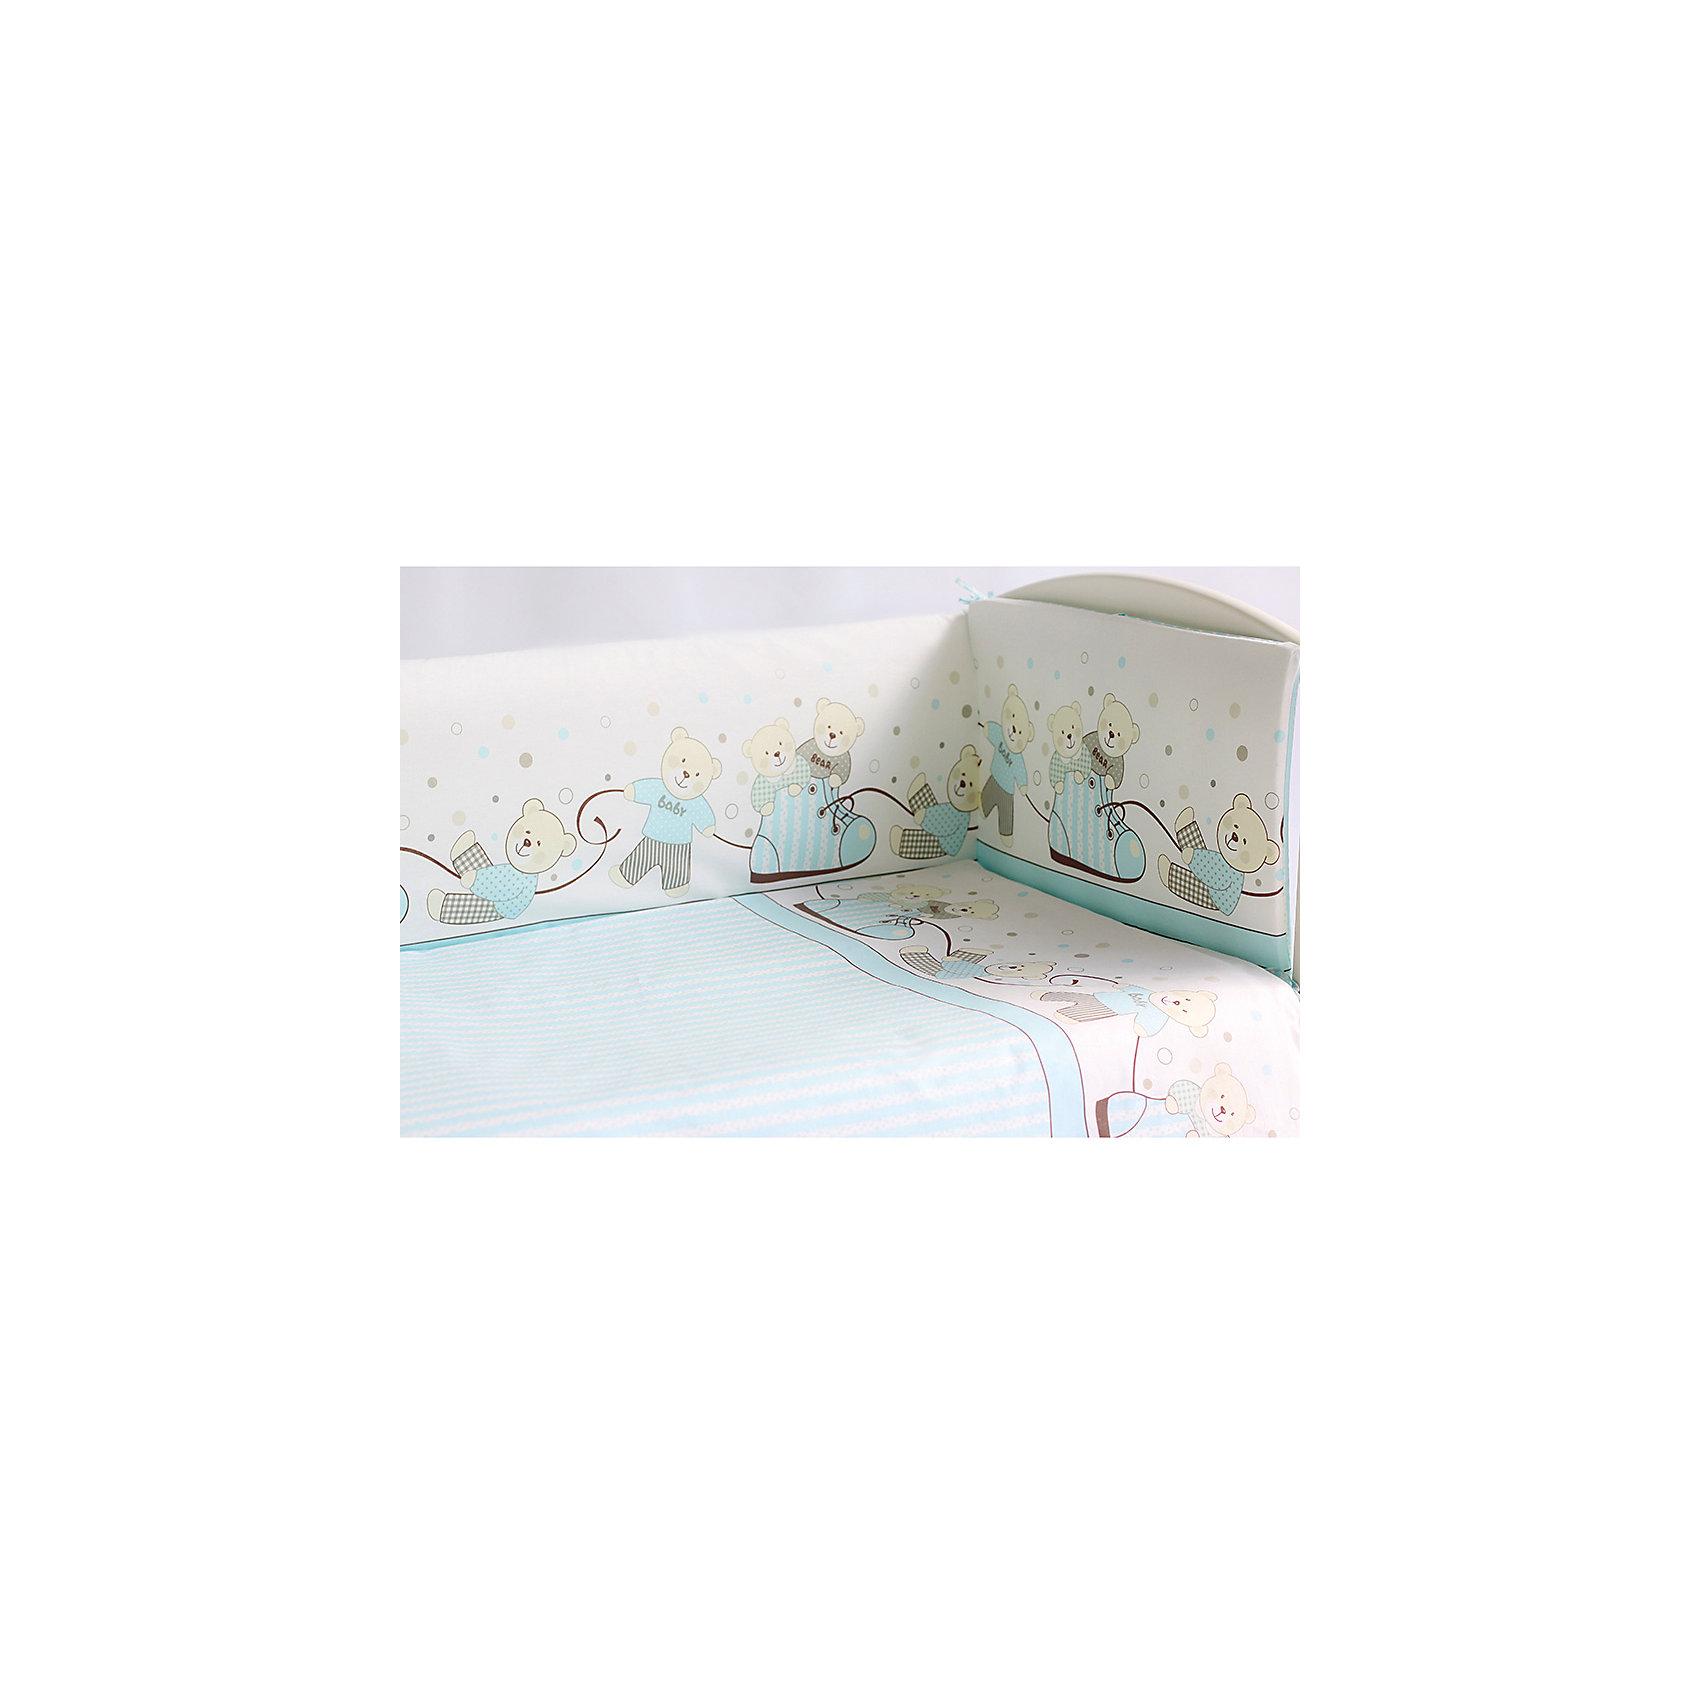 Комплект в кроватку Мишки, 6 пред., Pituso, голубойПостельное бельё<br>Характеристики товара:<br><br>• возраст с рождения;<br>• материал: бязь, хлопок;<br>• бортик в кроватку из 4 частей 120х60 см<br>• пододеяльник 147х112 см<br>• наволочка 60х40 см<br>• простыня на резинке 100х150 см<br>• одеяло 140х110 см<br>• подушка 60х40 см;<br>• размер упаковки 59х45х28 см;<br>• вес упаковки 2,8 кг;<br>• страна производитель: Россия.<br><br>Комплект в кроватку Мишки Pituso голубой обеспечит крохе уют и спокойный сон. Наполнитель является экологическим и безопасным для детей, он пропускает воздух, не вызывает аллергических реакций, в нем не заводятся вредные микроорганизмы. Изготовлен комплект из натурального мягкого хлопка, который легко стирается, не теряет цвет.<br><br>Комплект в кроватку Мишки Pituso голубой 6 предметов можно приобрести в нашем интернет-магазине.<br><br>Ширина мм: 590<br>Глубина мм: 450<br>Высота мм: 280<br>Вес г: 2800<br>Возраст от месяцев: 0<br>Возраст до месяцев: 36<br>Пол: Унисекс<br>Возраст: Детский<br>SKU: 5563662